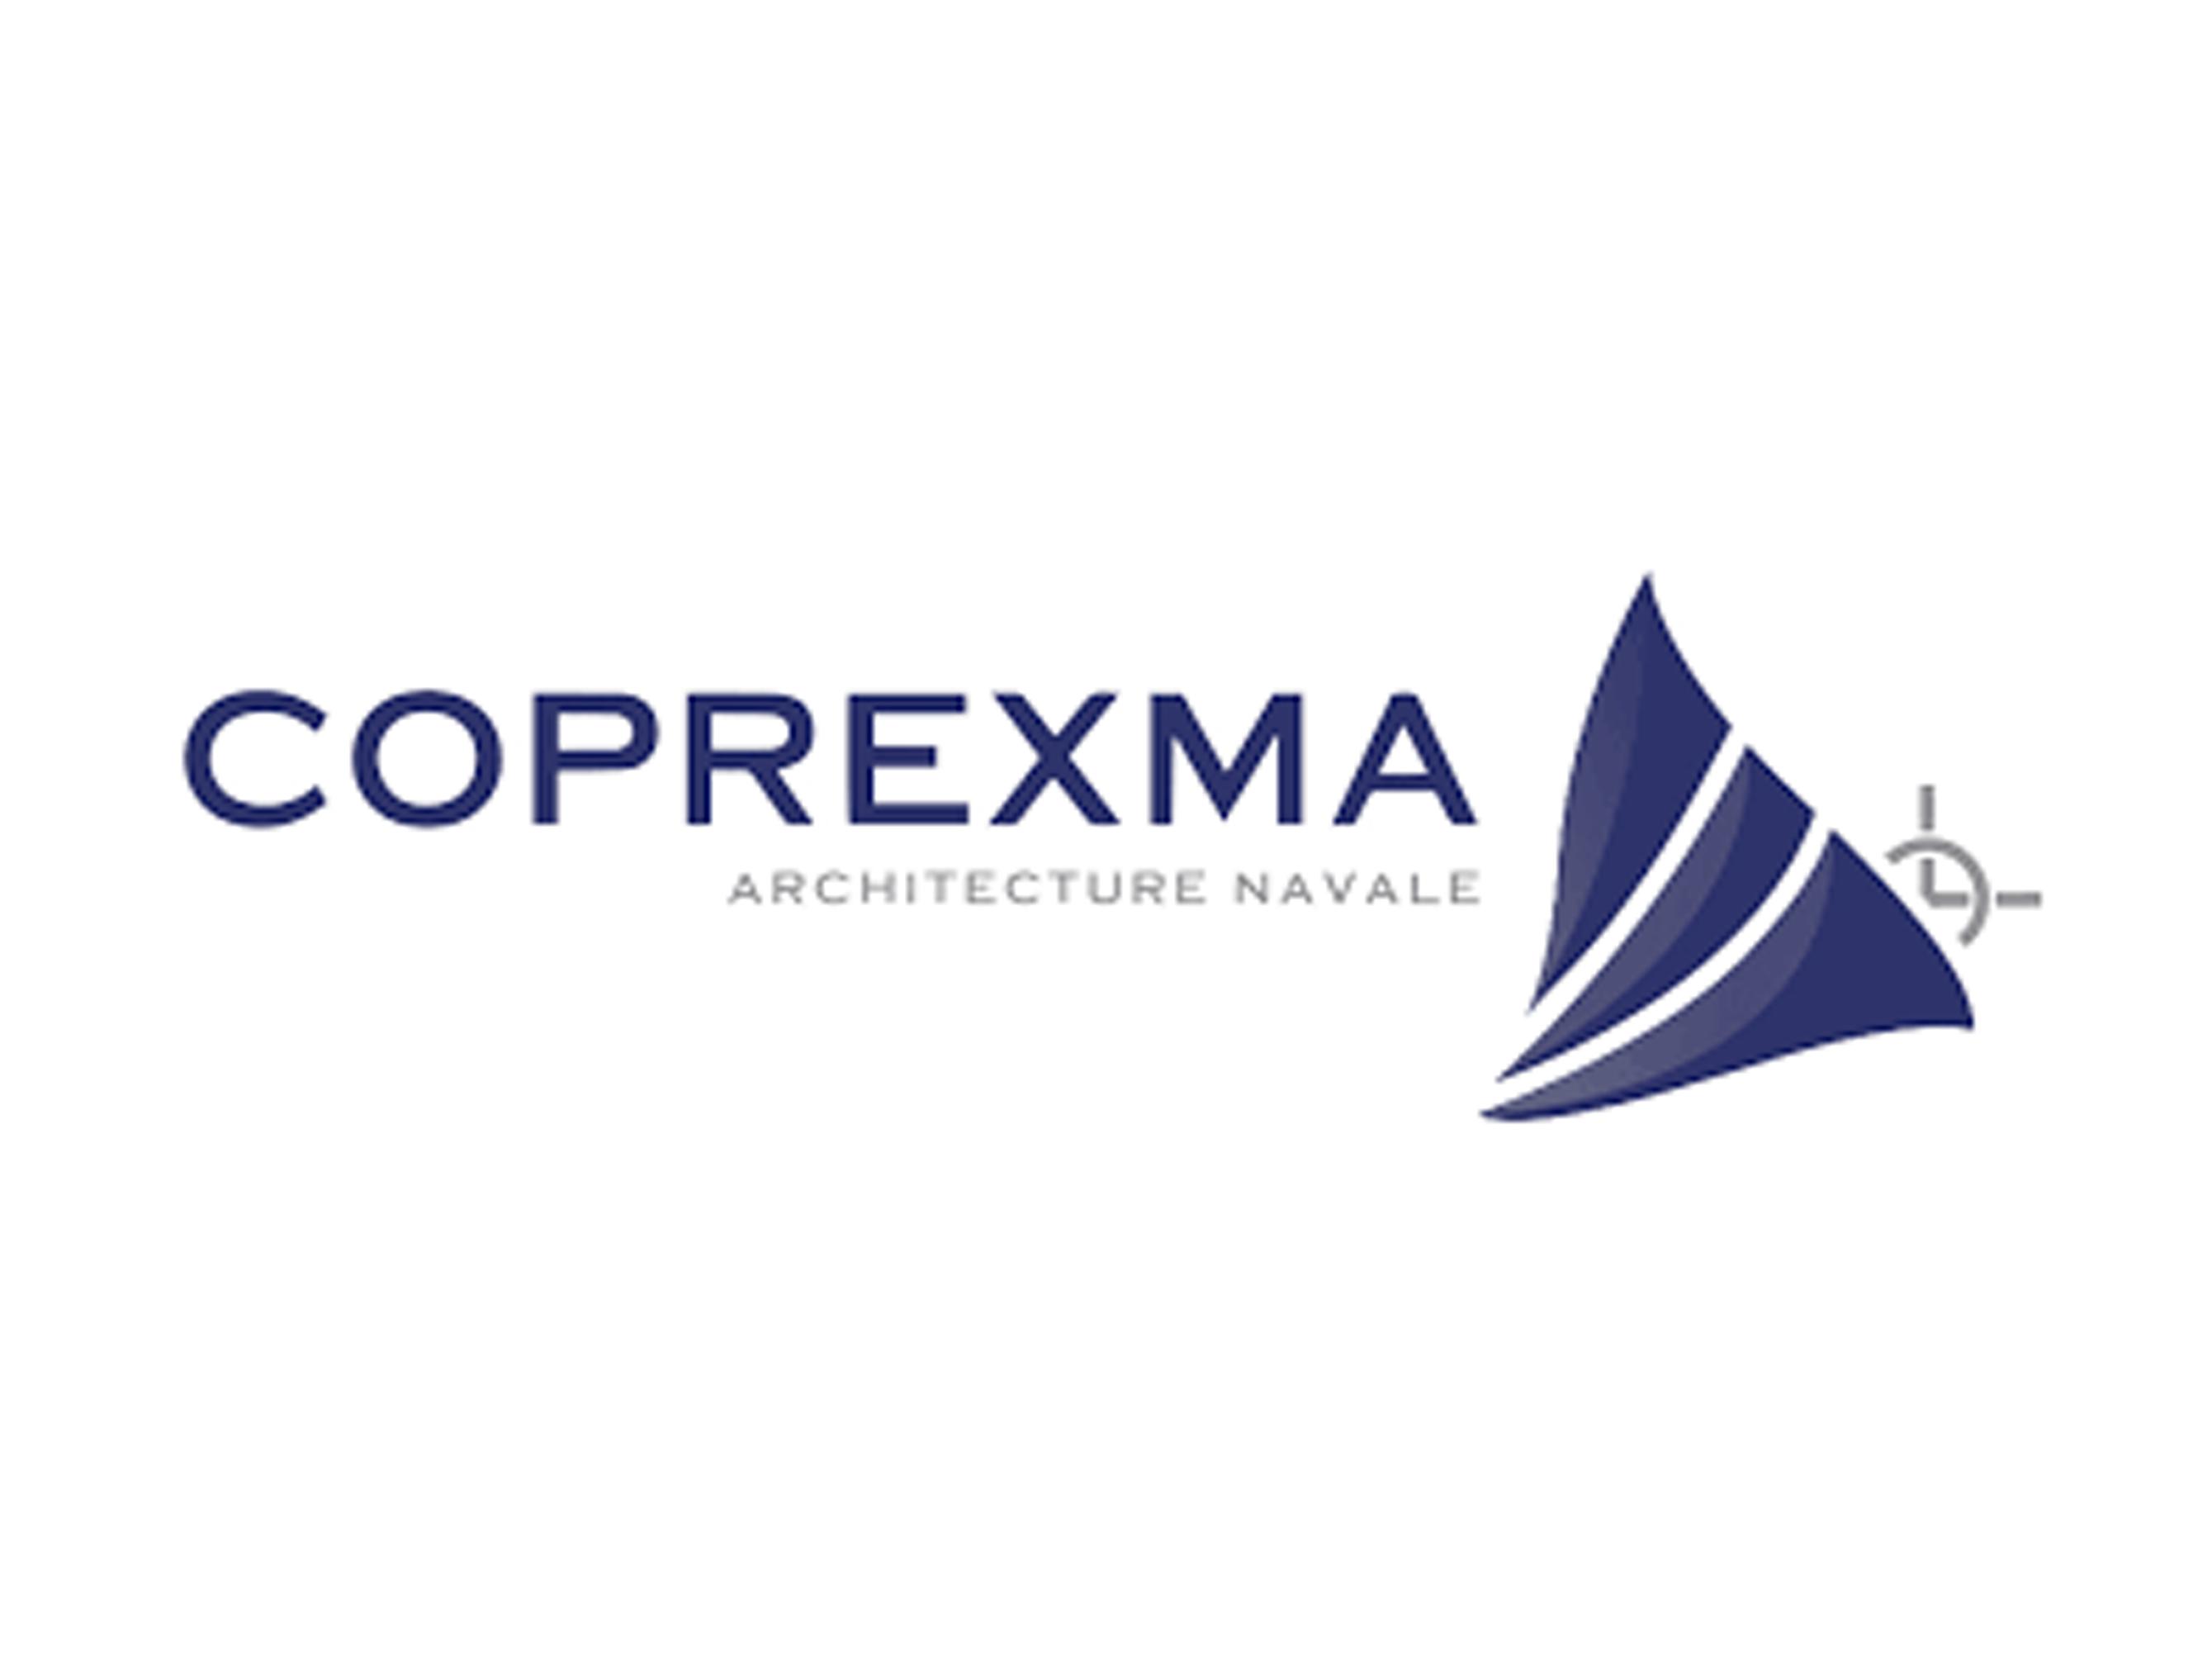 Coprexma logo